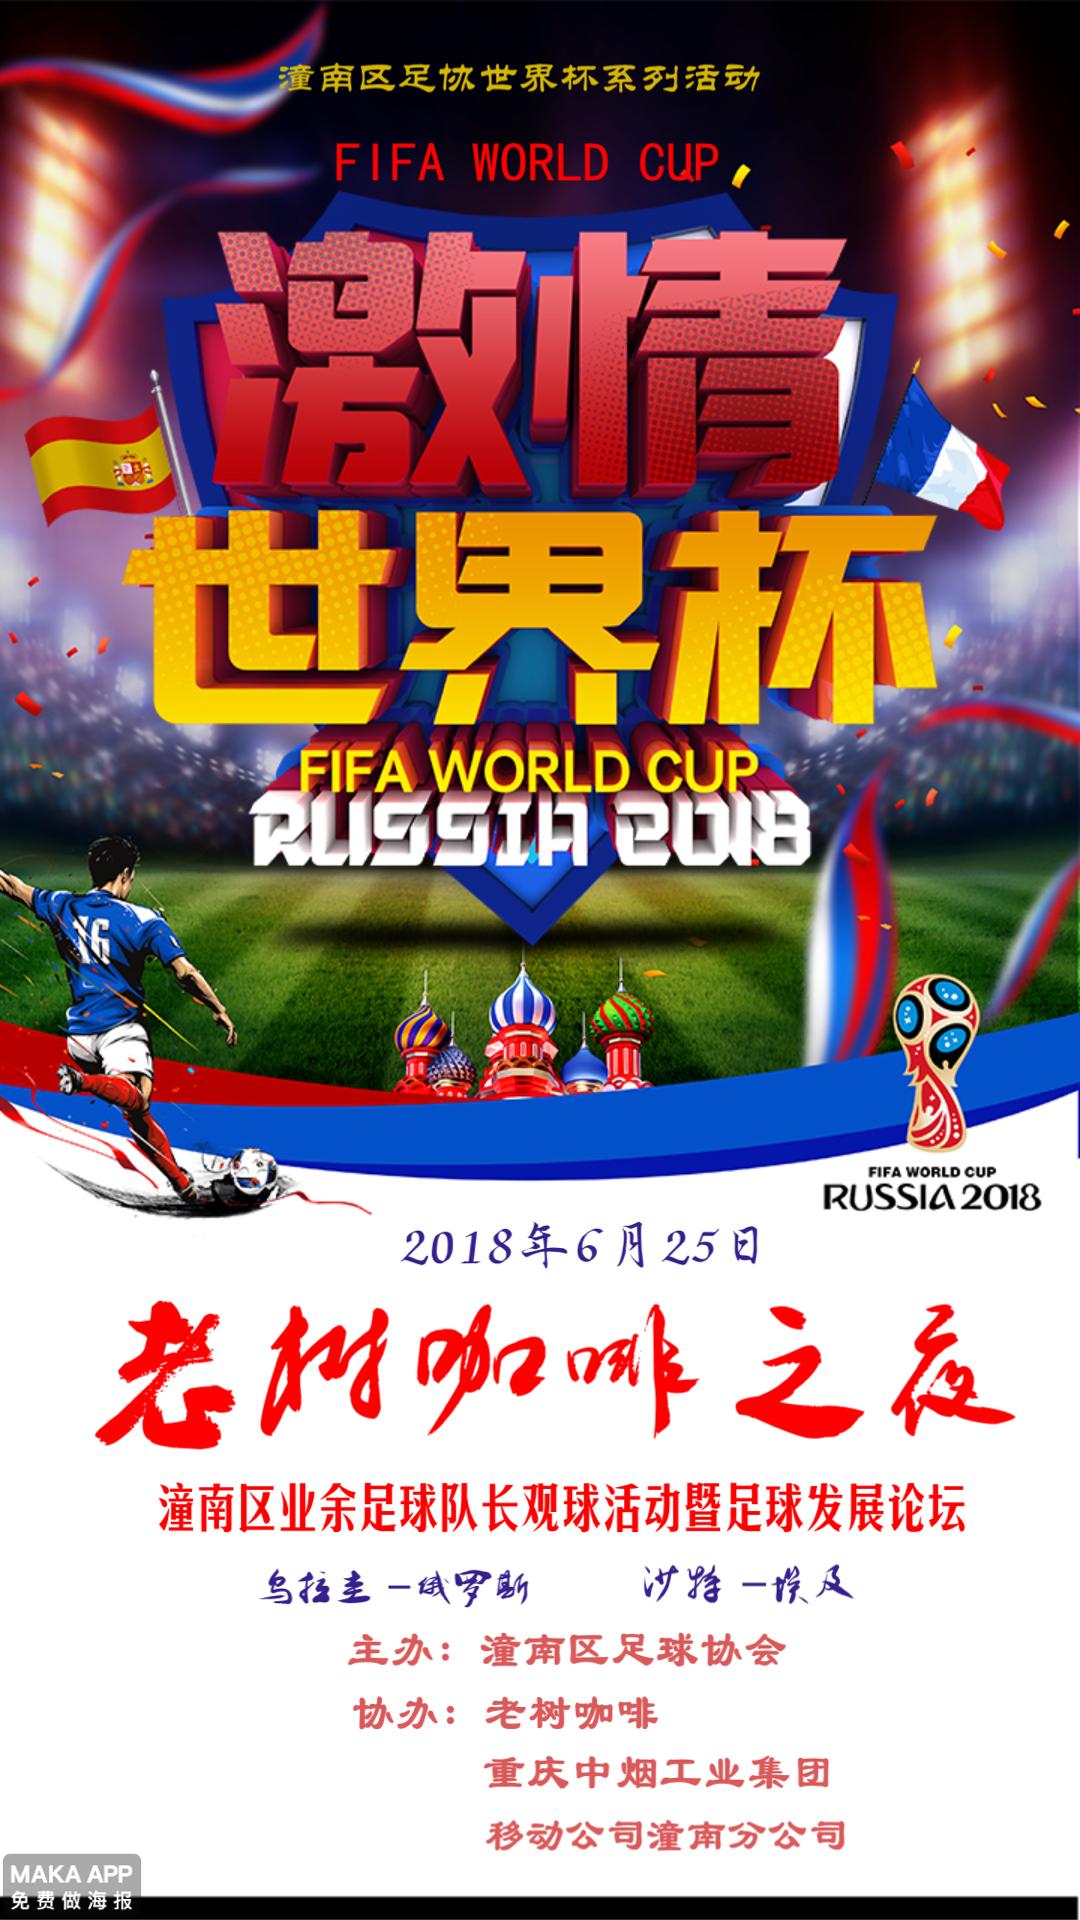 俄罗斯足球队宣传海报